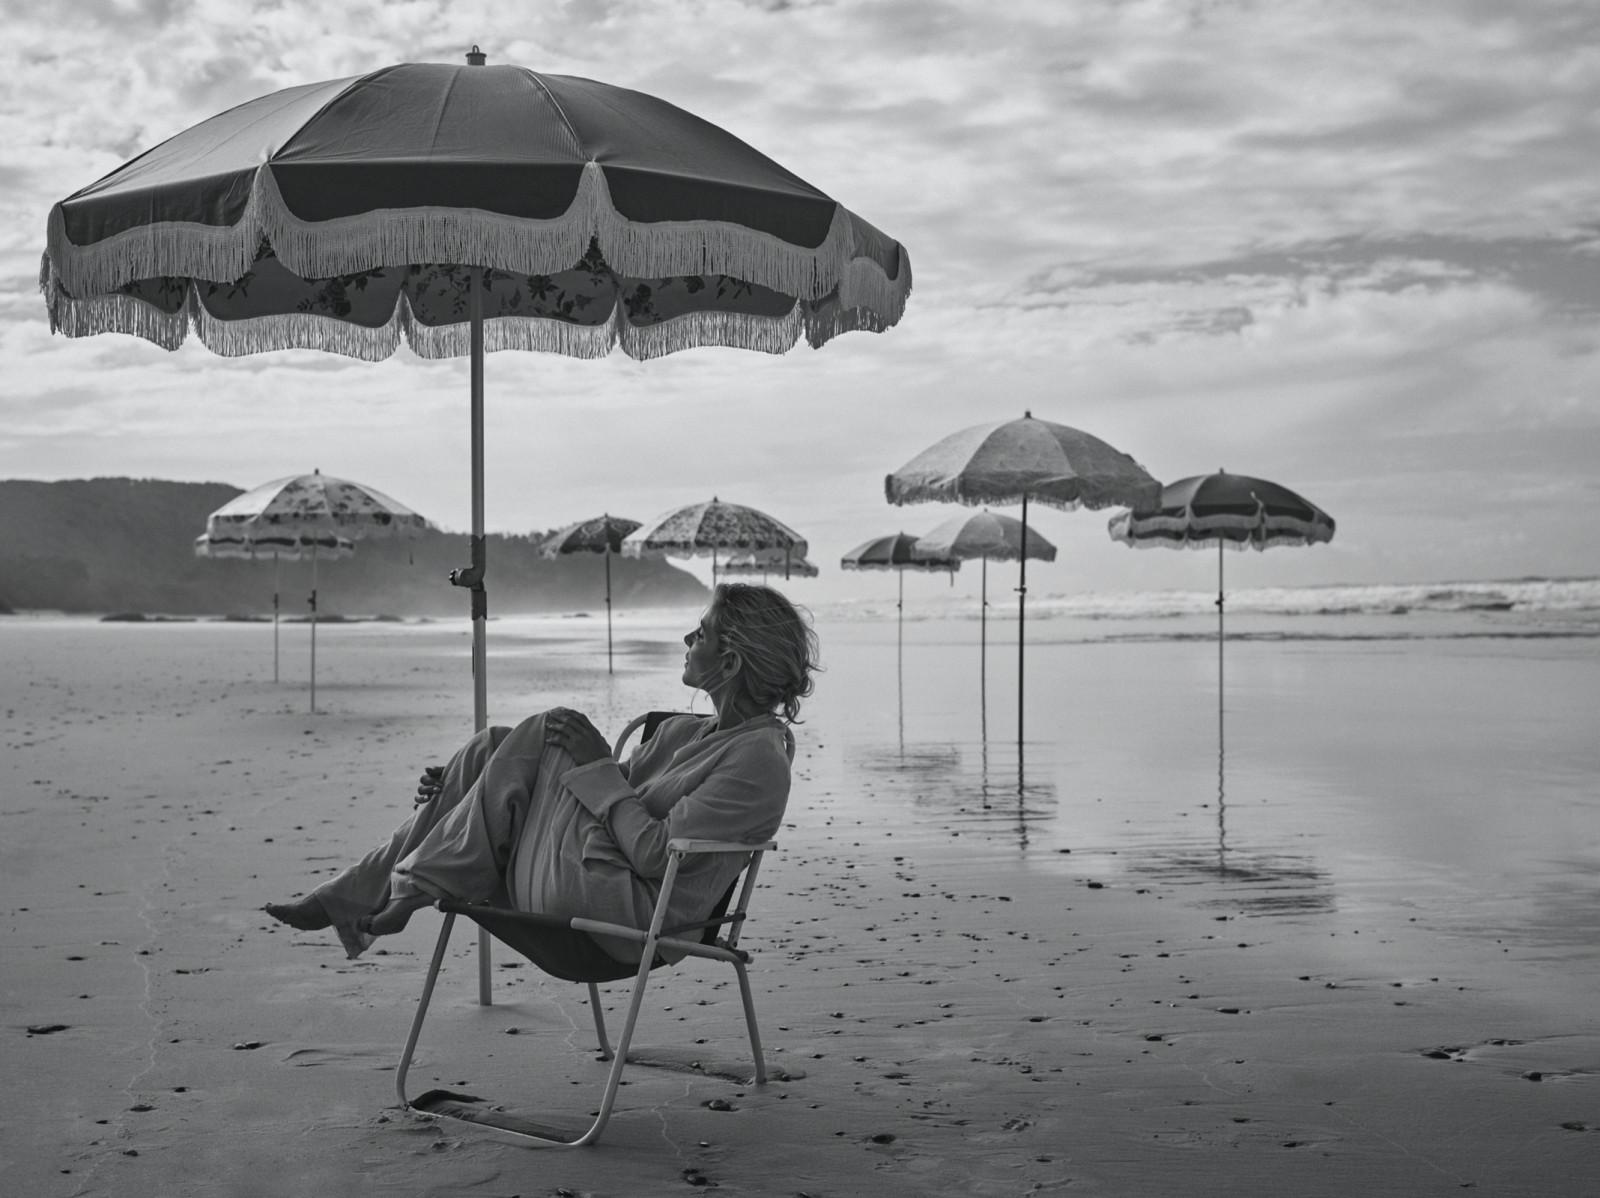 Эльса Патаки. Фотограф Джейк Терри